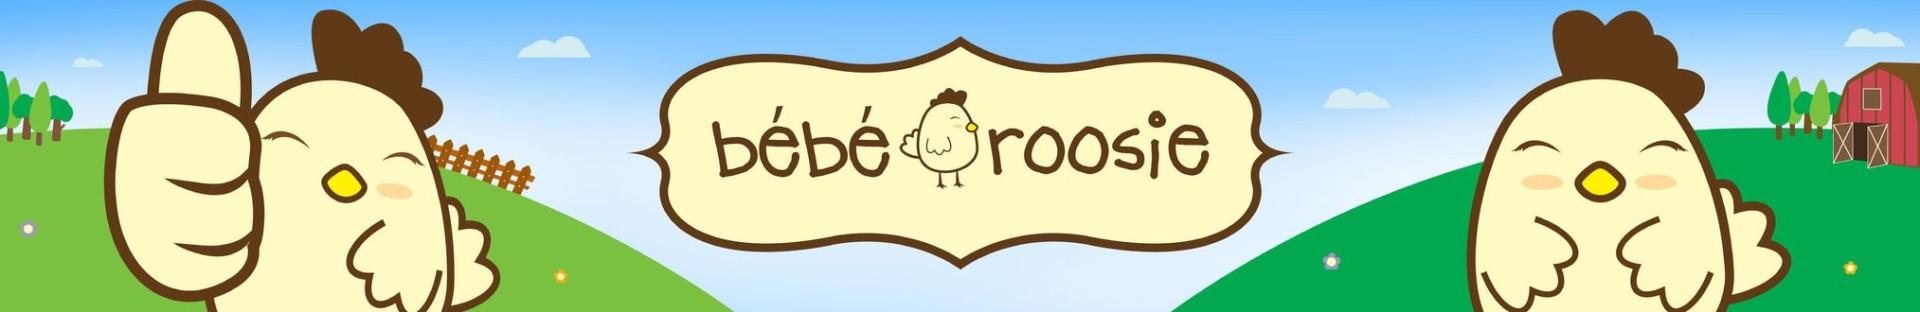 Bebe Roosie By Jamu Jago